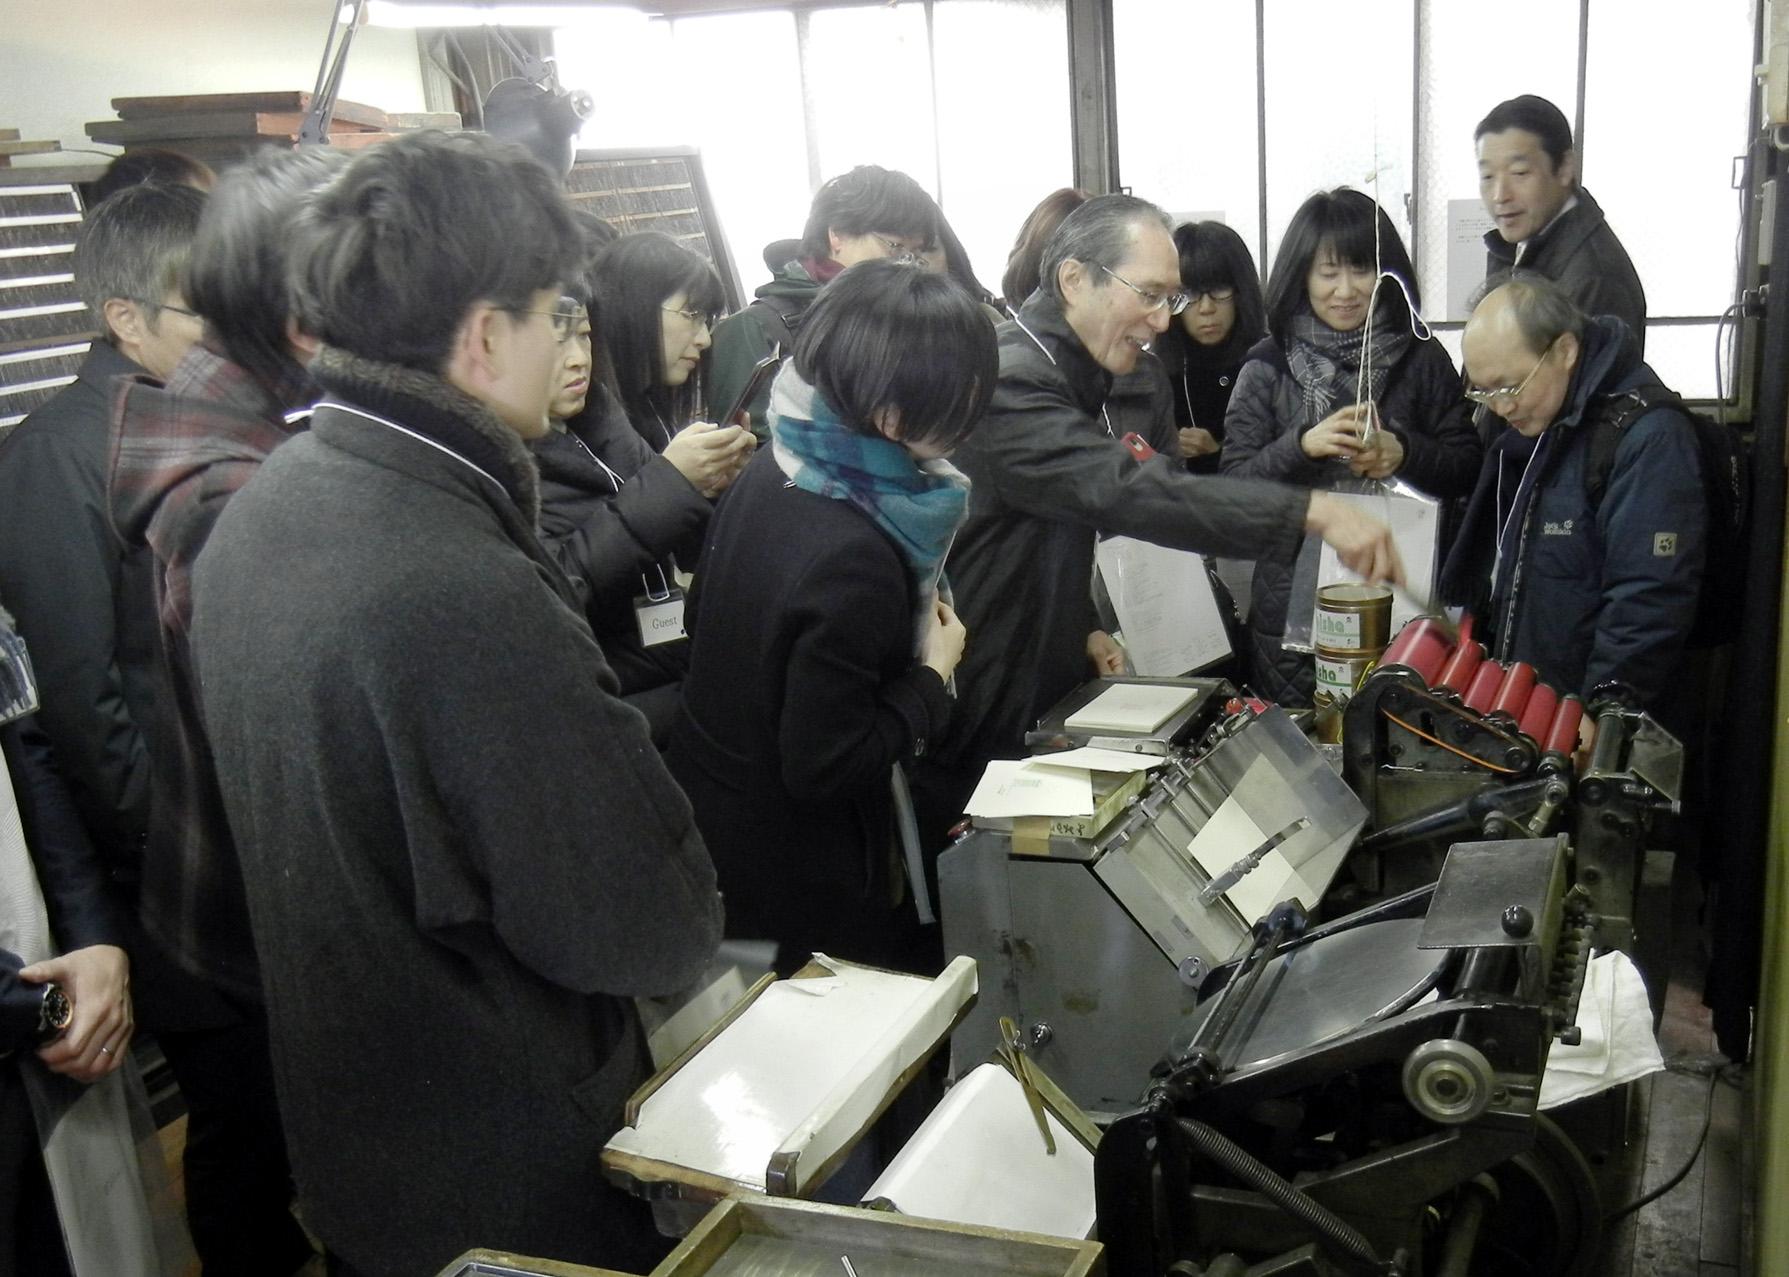 活版印刷に興味津々のお披露目会出席者。(櫻井印刷所の「活版印刷お披露目会」で)